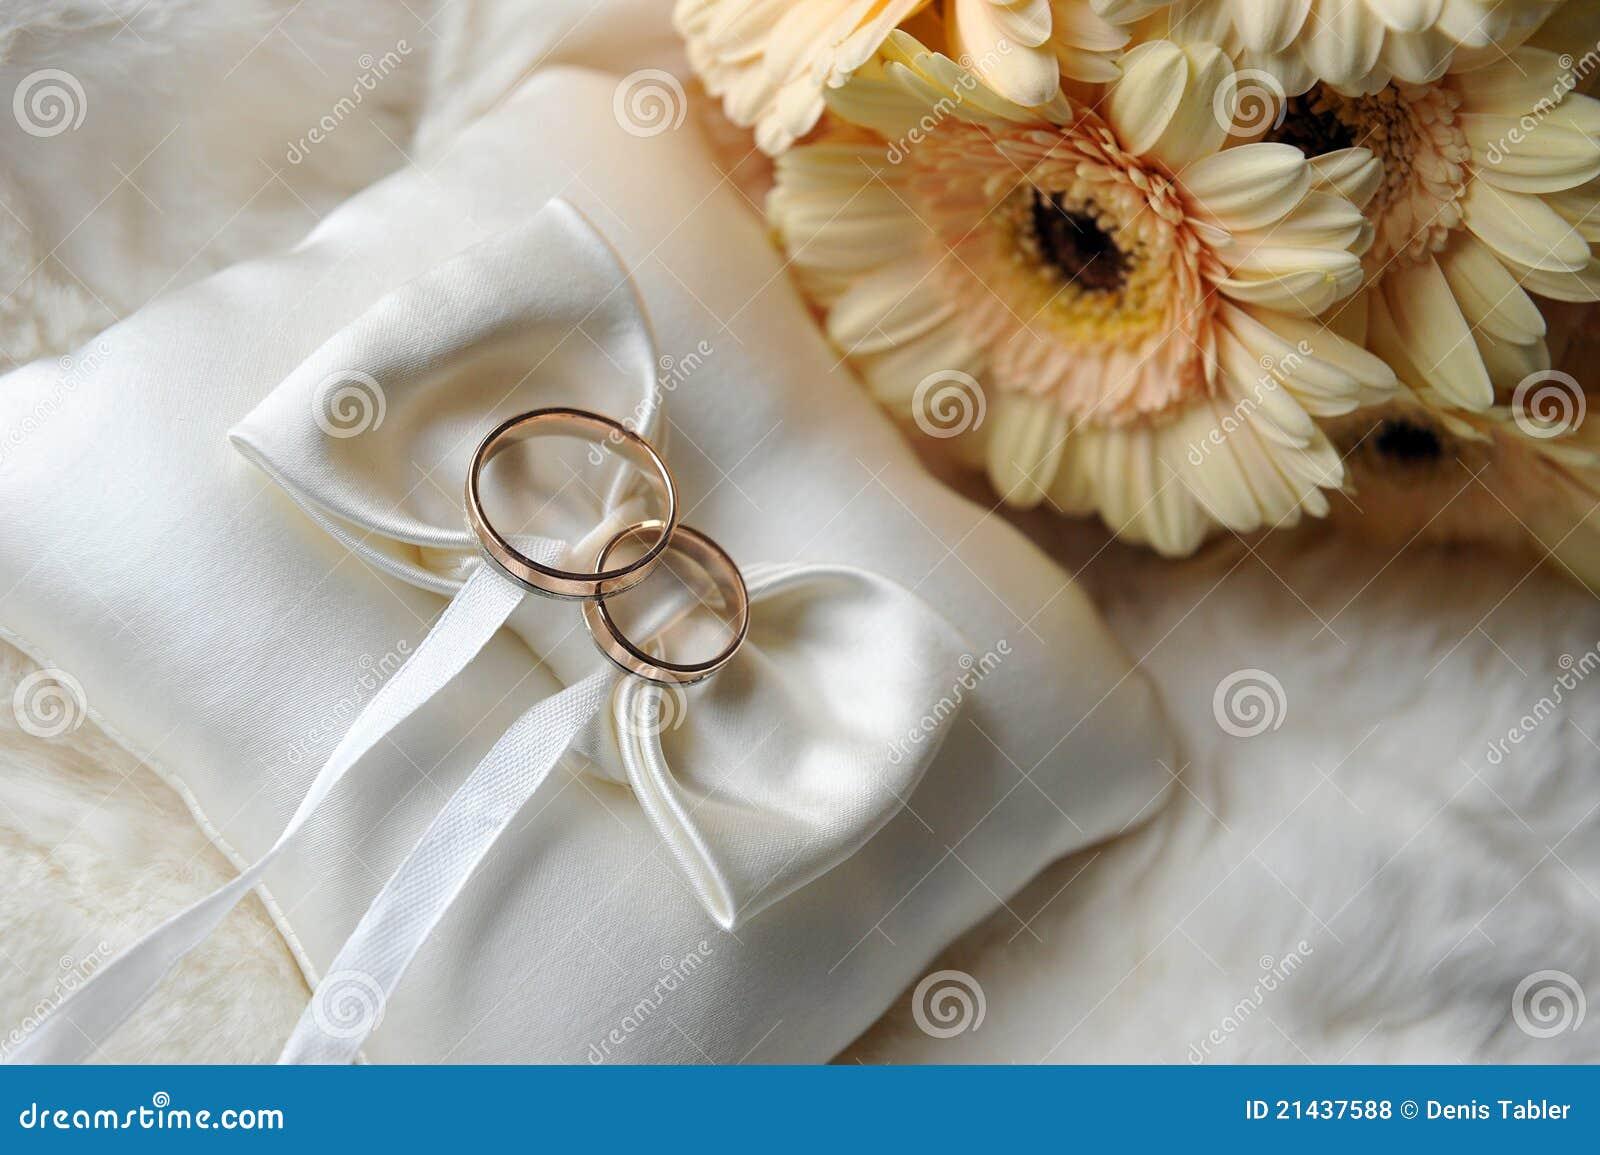 Kussen met lippenstift : Kussen met trouwringen royalty vrije stock foto s afbeelding